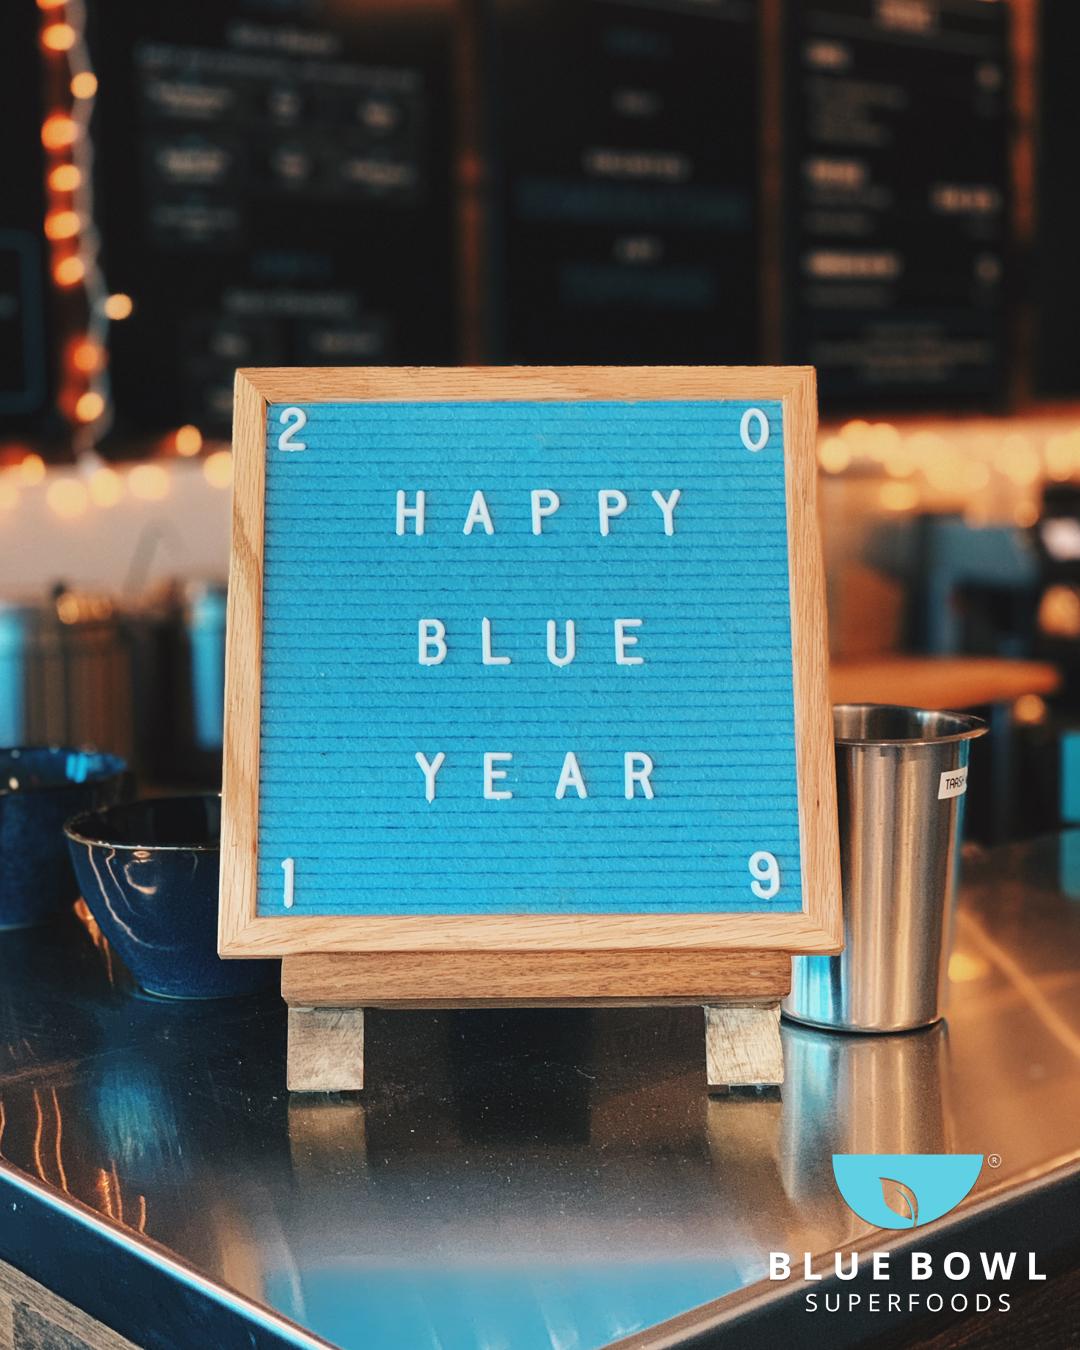 BlueBowl-IG-010119-HappyBlueYear.jpg